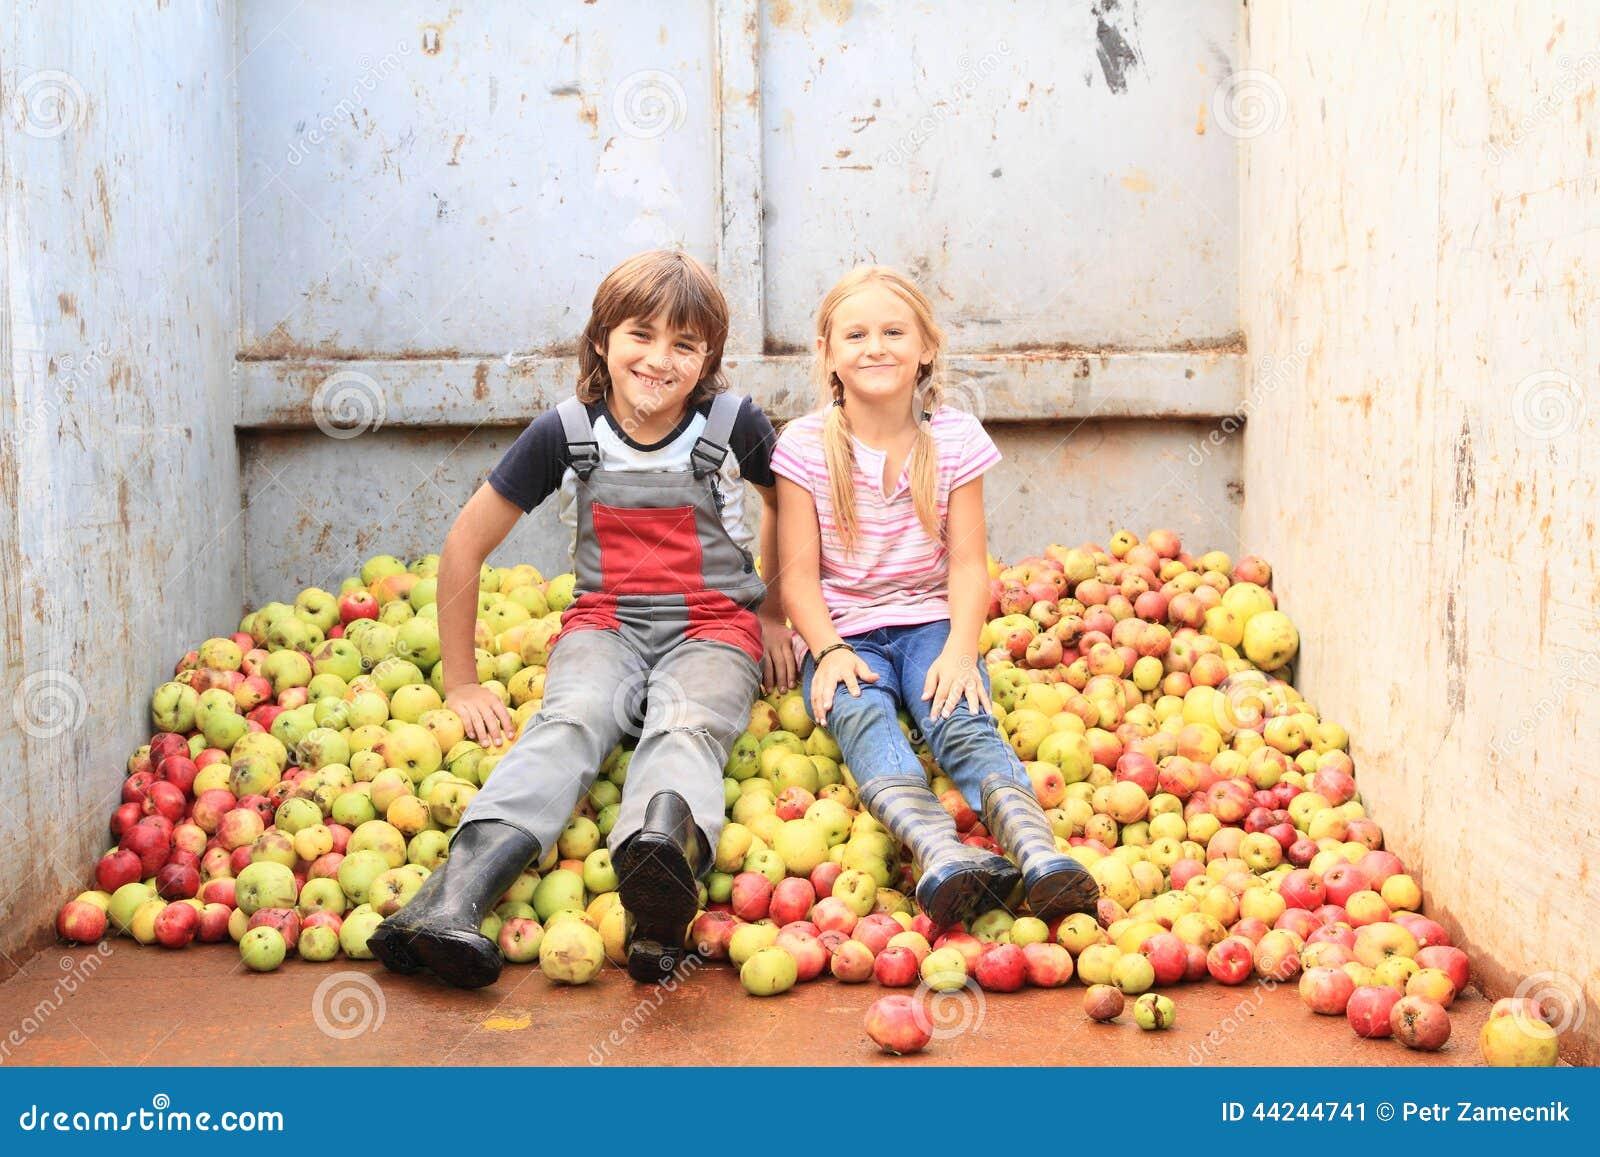 Jonge geitjes op appelen